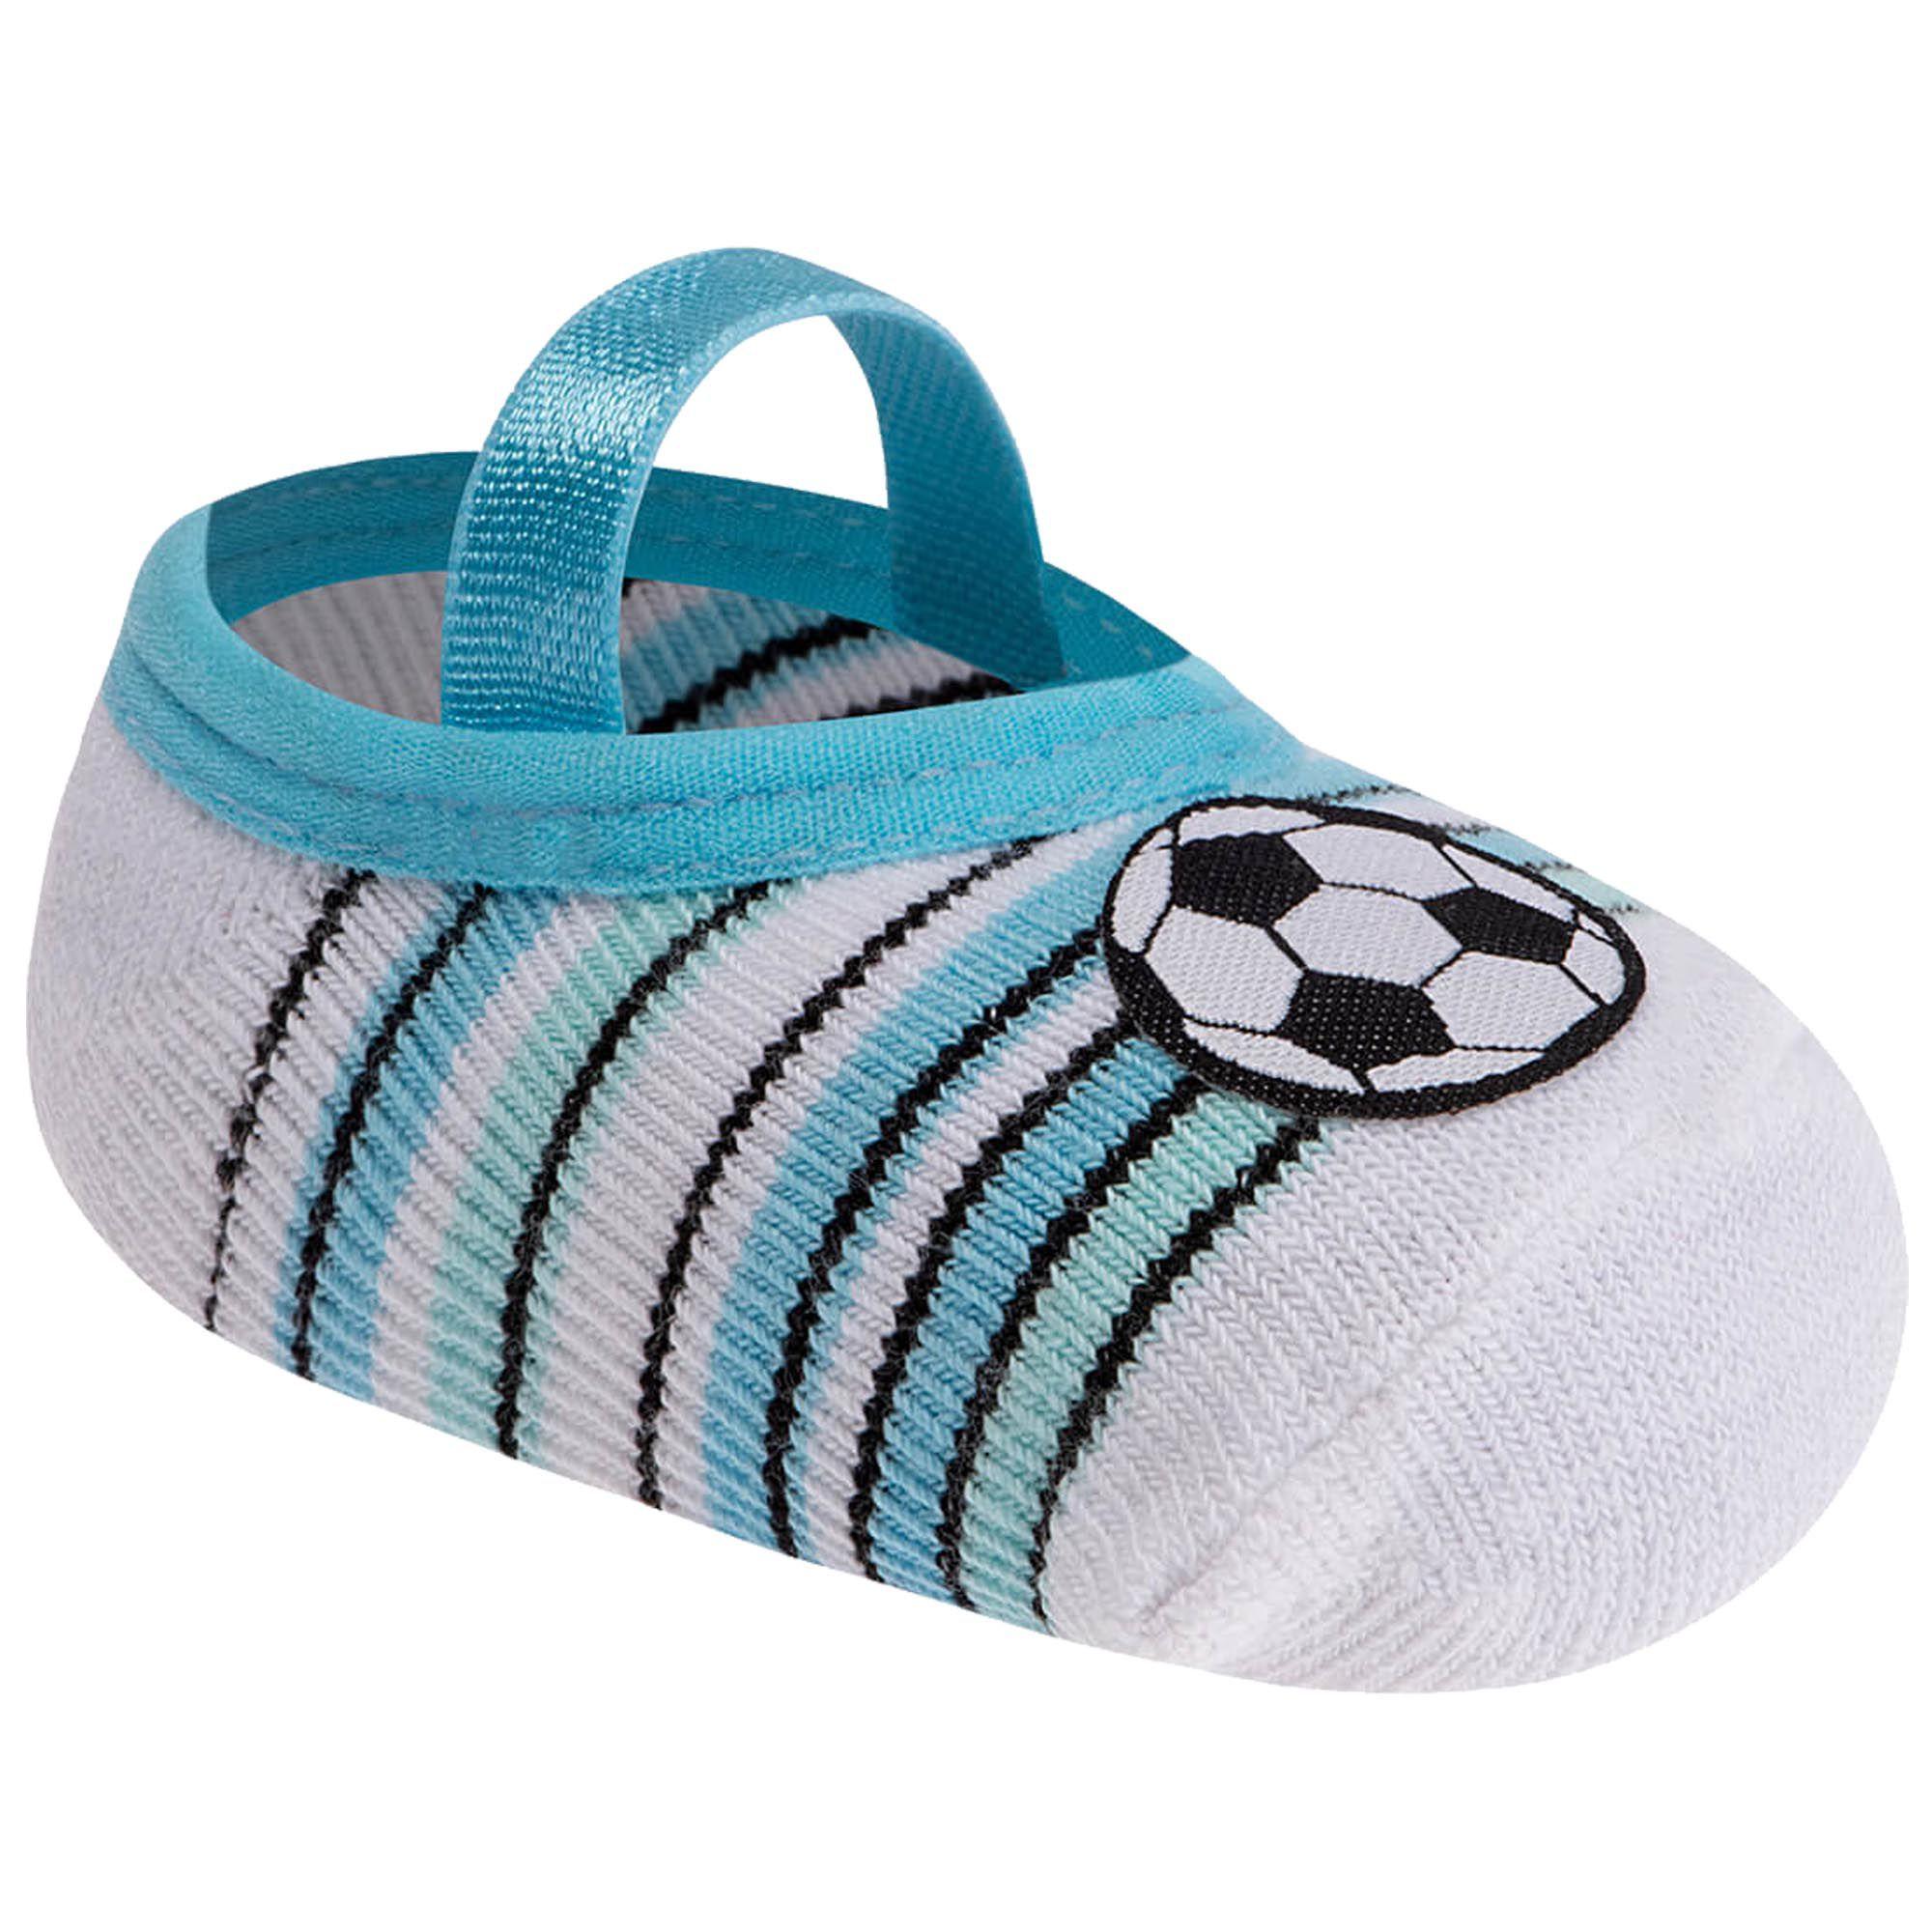 Meia Infantil Pimpolho cano curto - Bola de Futebol - 00 a 15